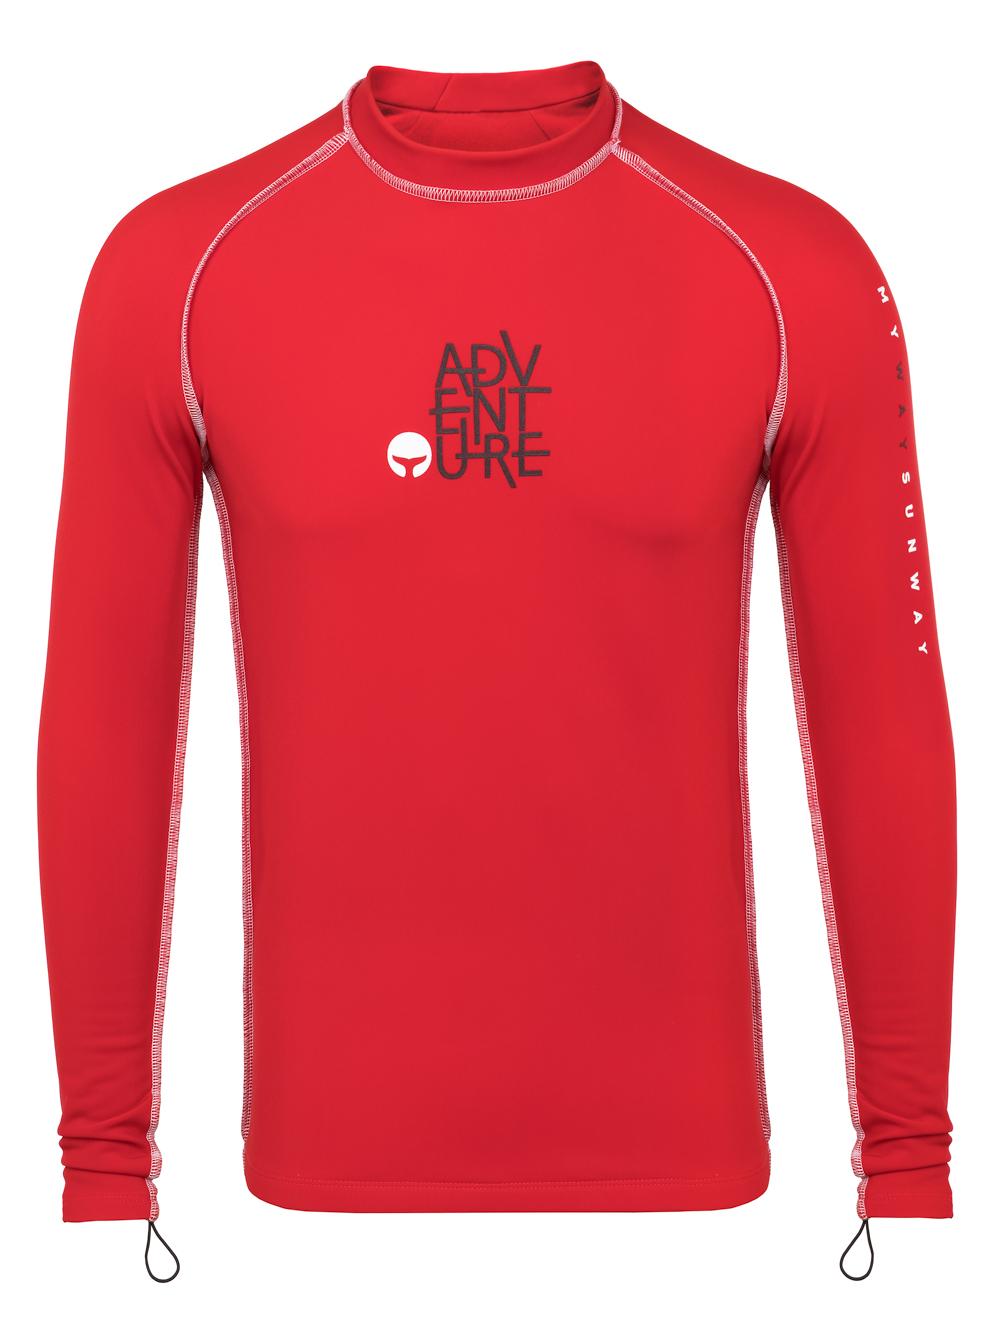 Thermal Lycra Fleece Shirt - Red Thermal Swim Shirt